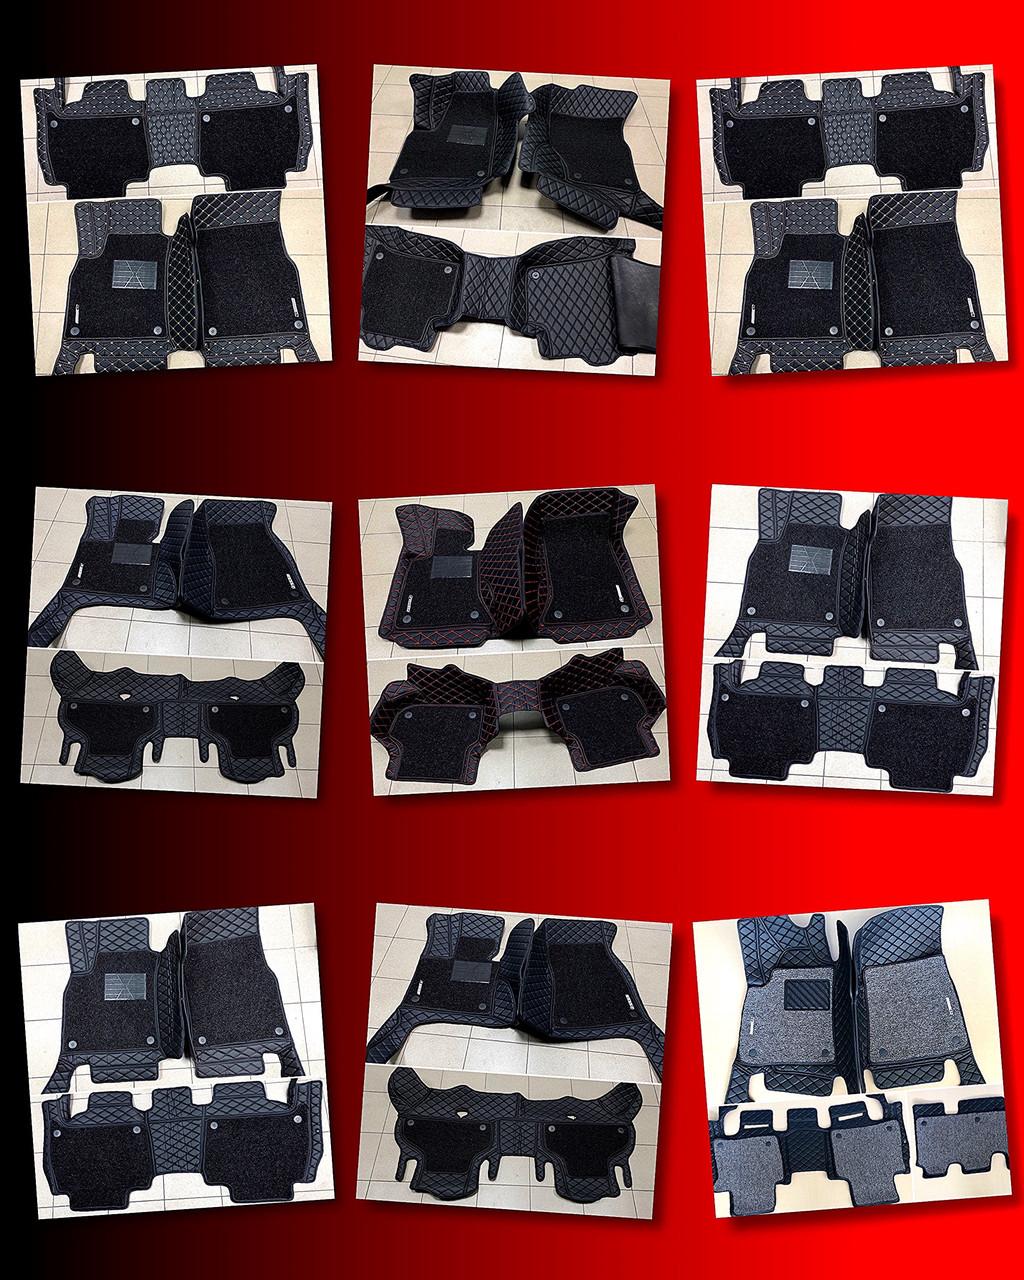 Комплект ковриков из экокожи для Toyota Prado 150, на 5/7 мест